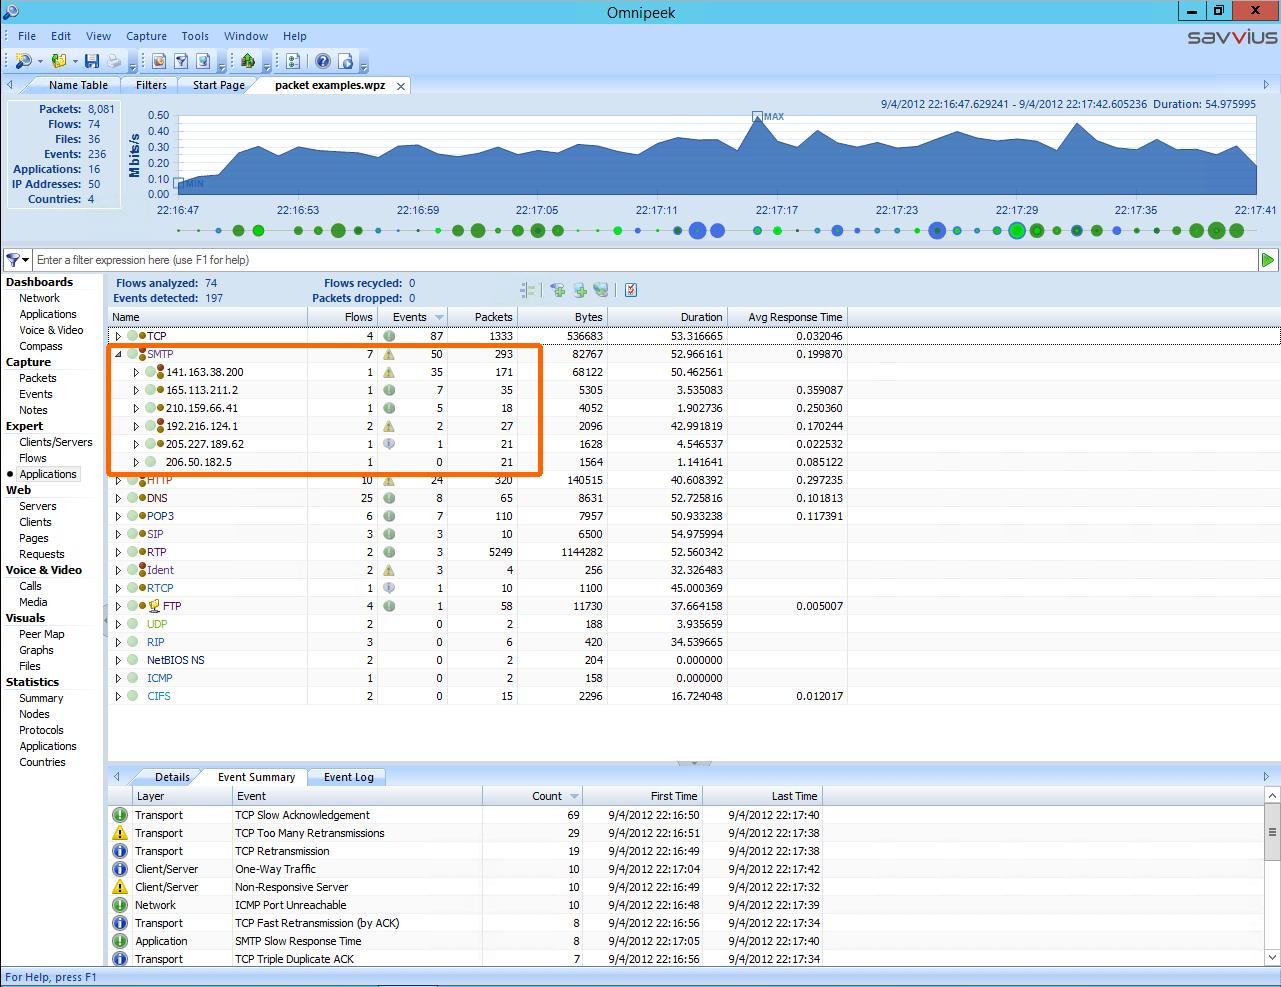 Quels sont les postes qui utilisent un application réseau ? Omnipeek montre la réponse